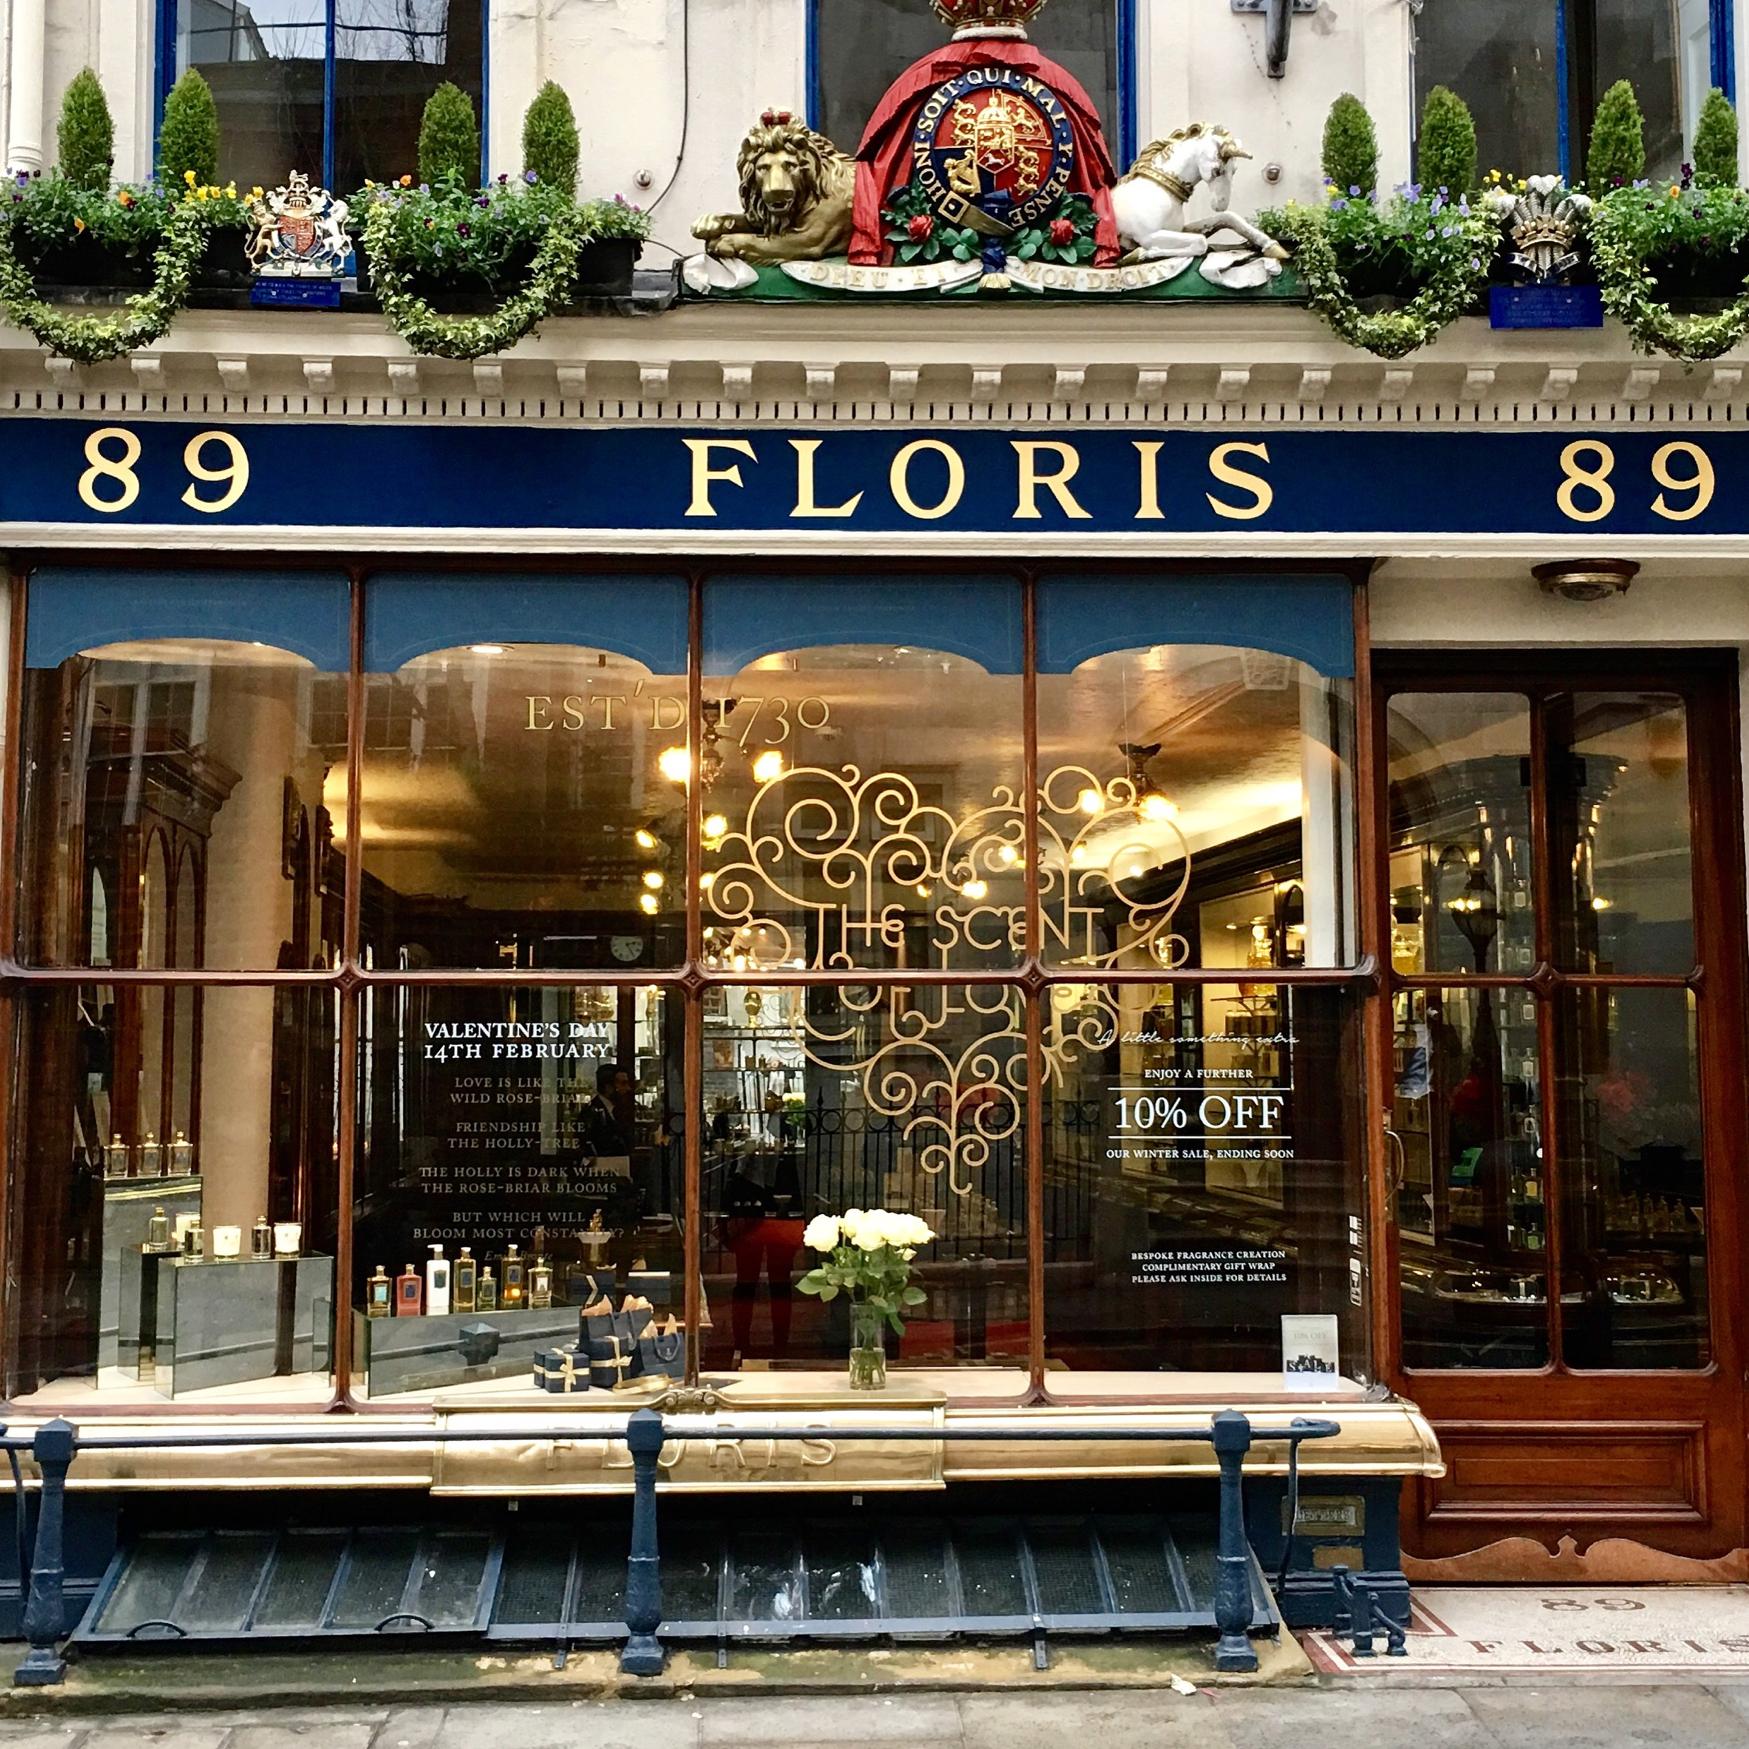 Floris Scent of Love Window